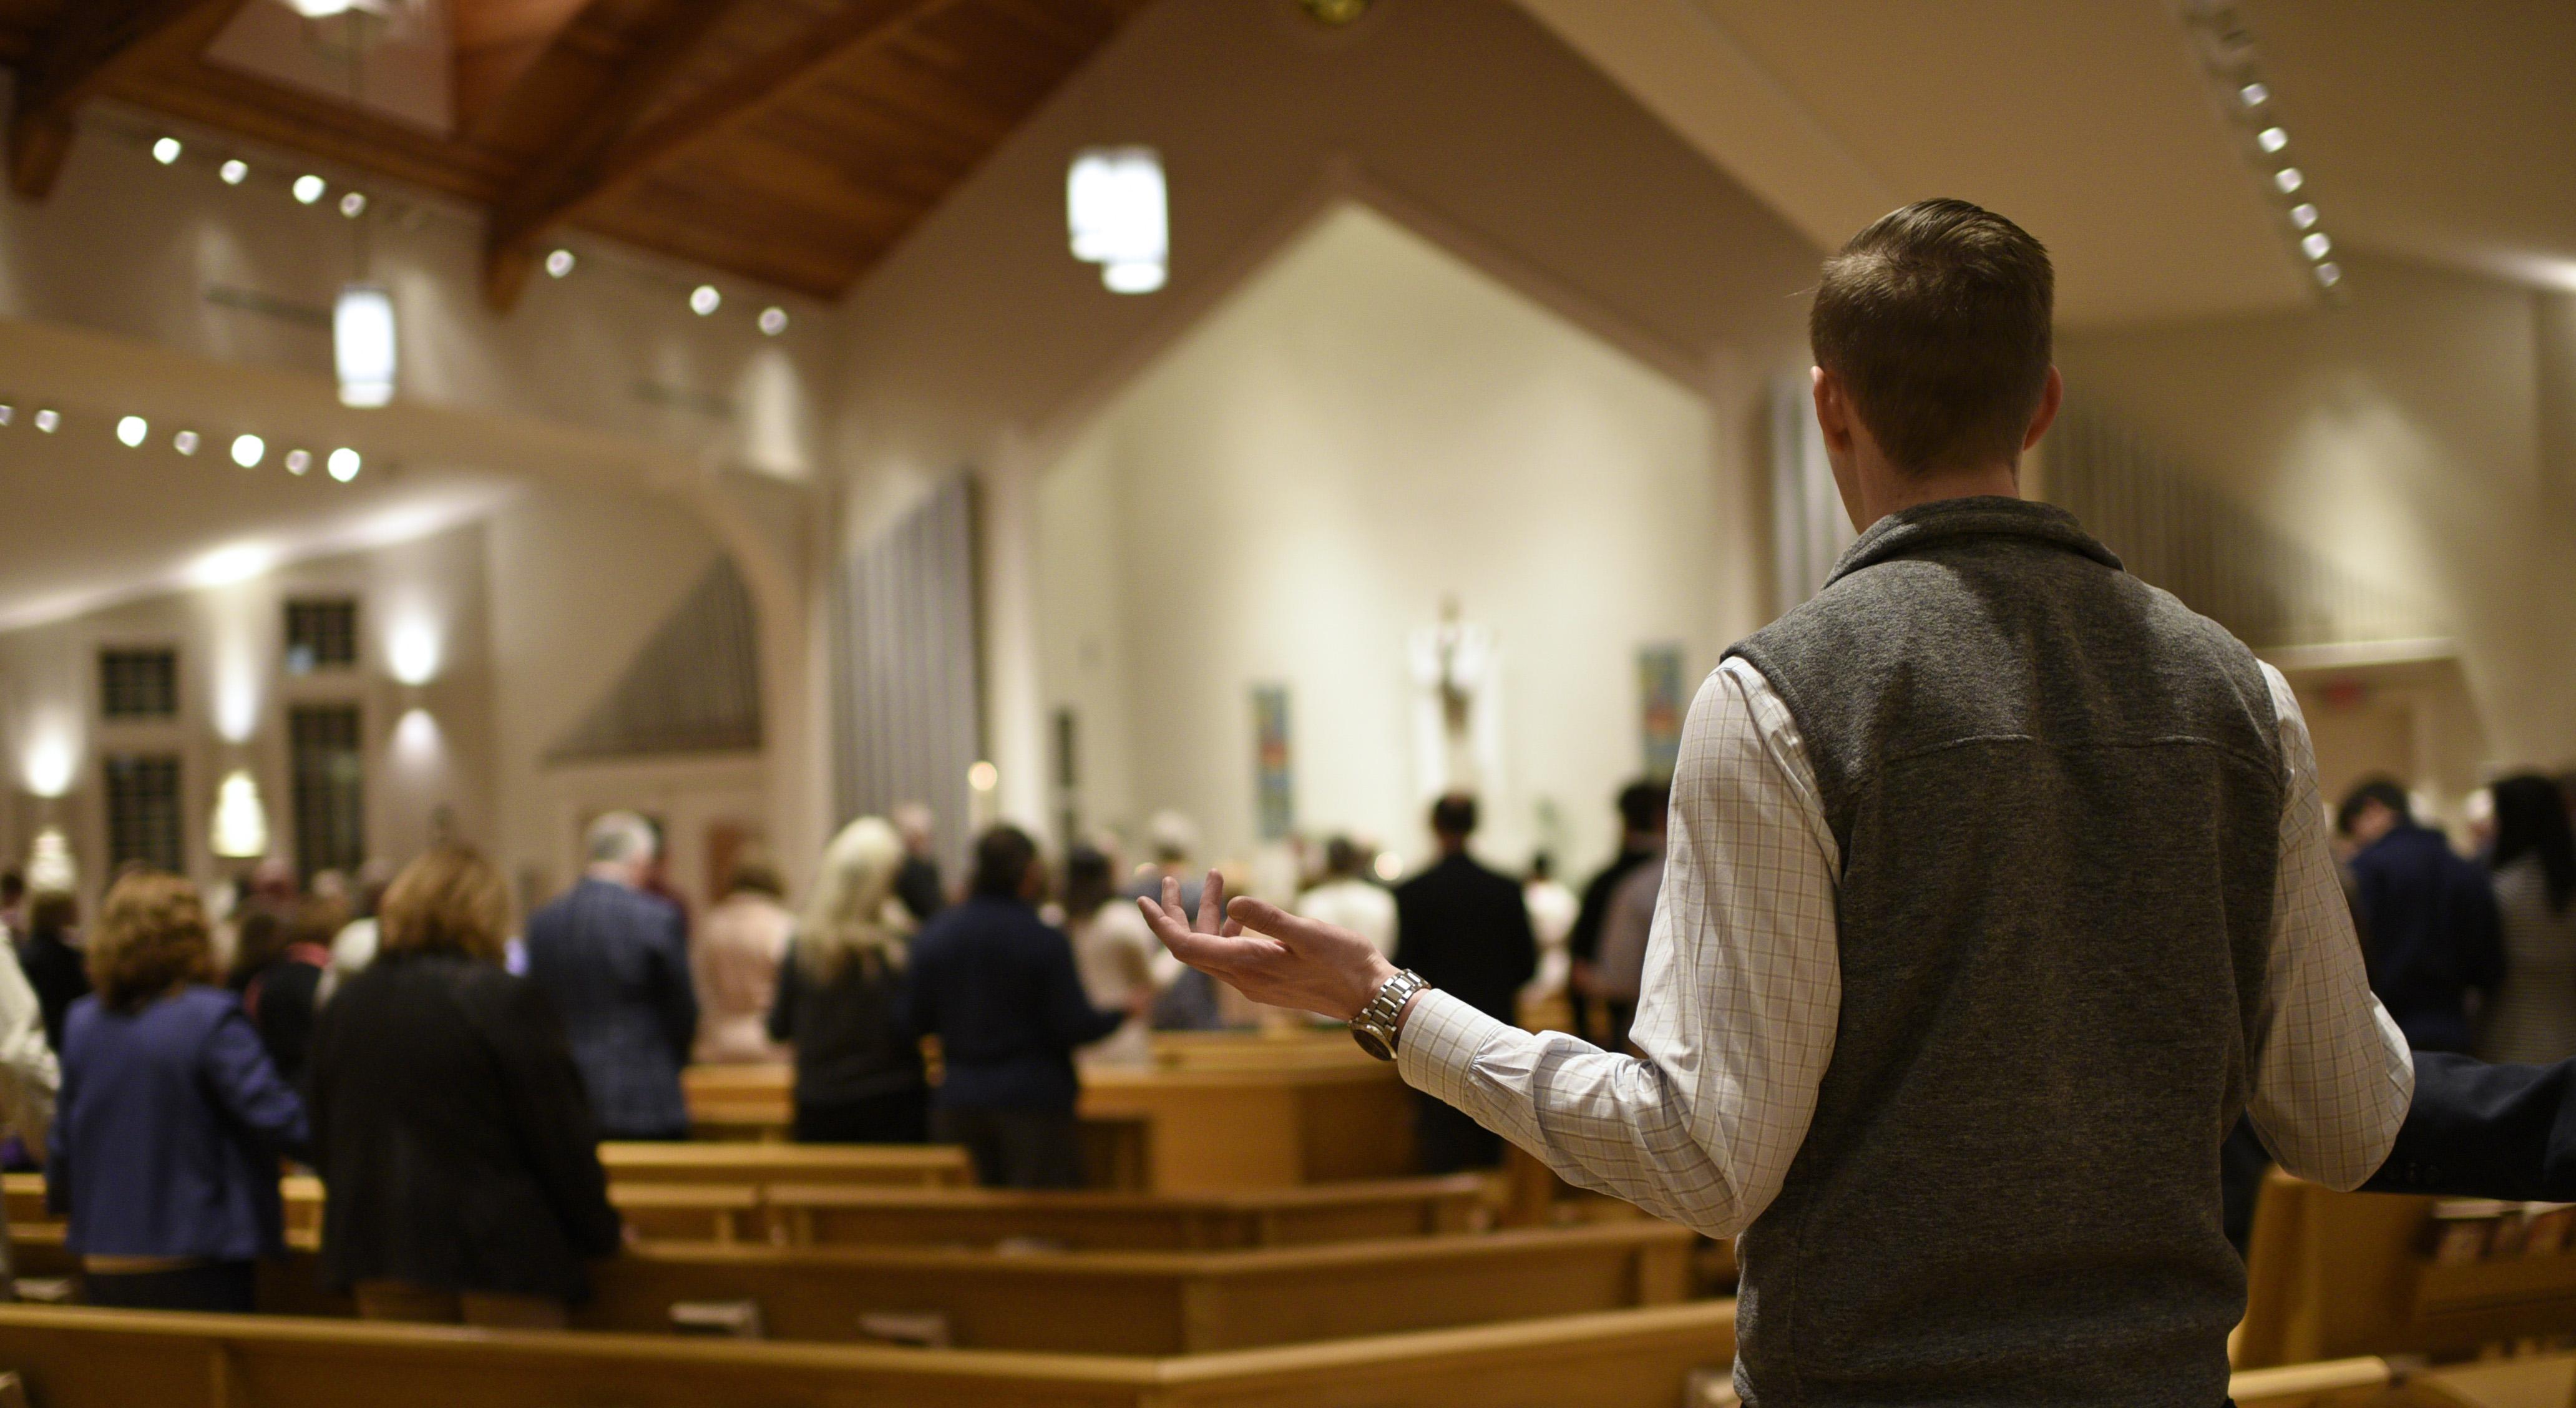 Pre-Covid evening Mass